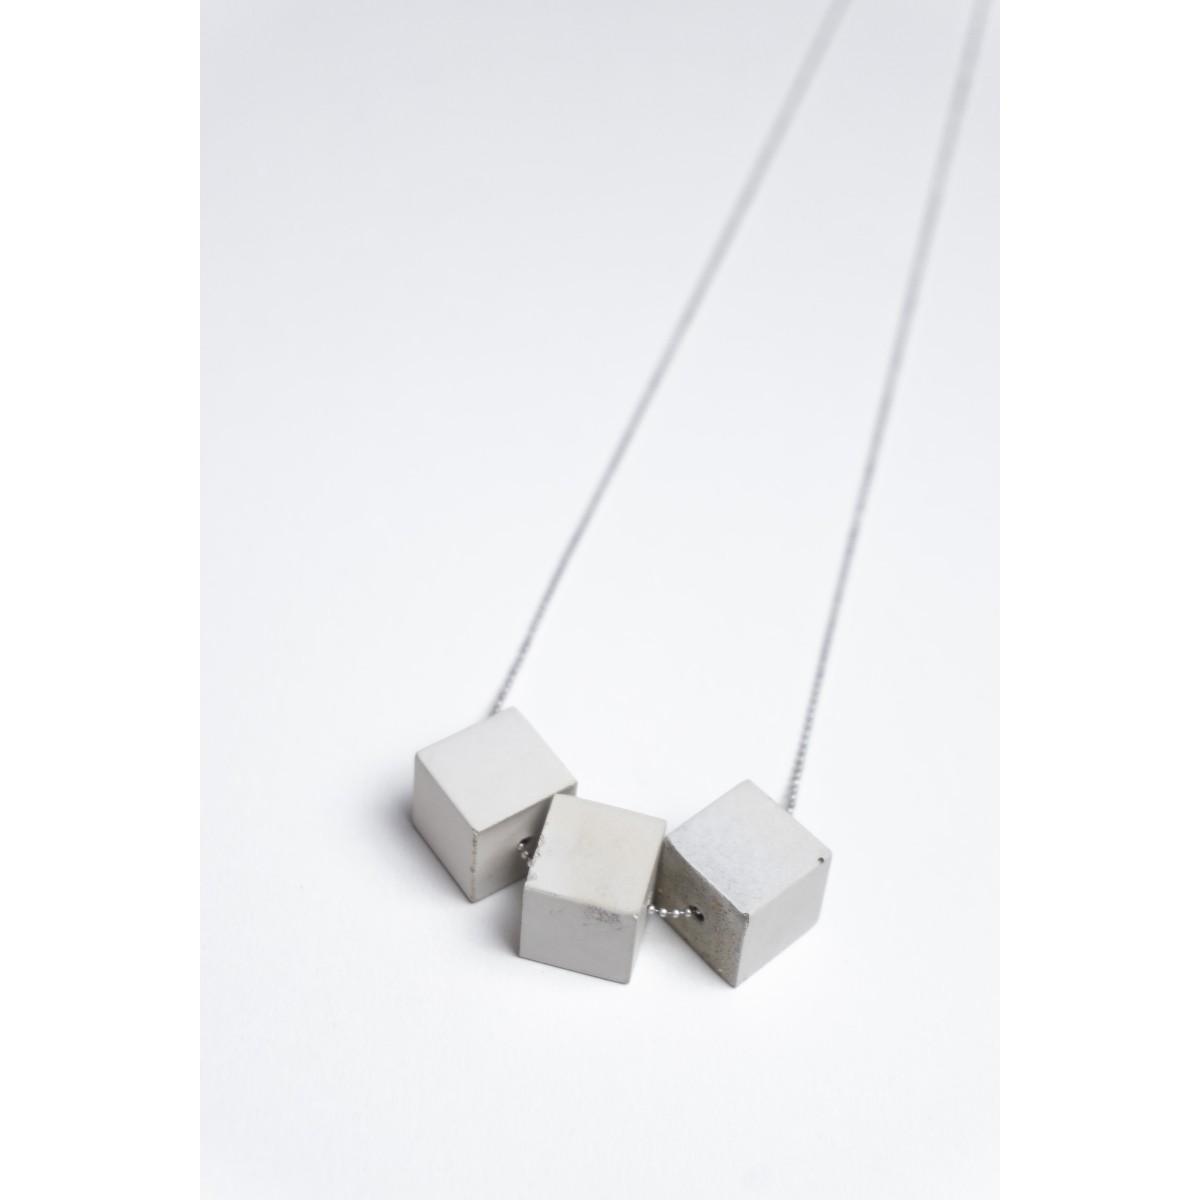 Klunkergrau Betonschmuck | 3x Großer Würfel aus Beton